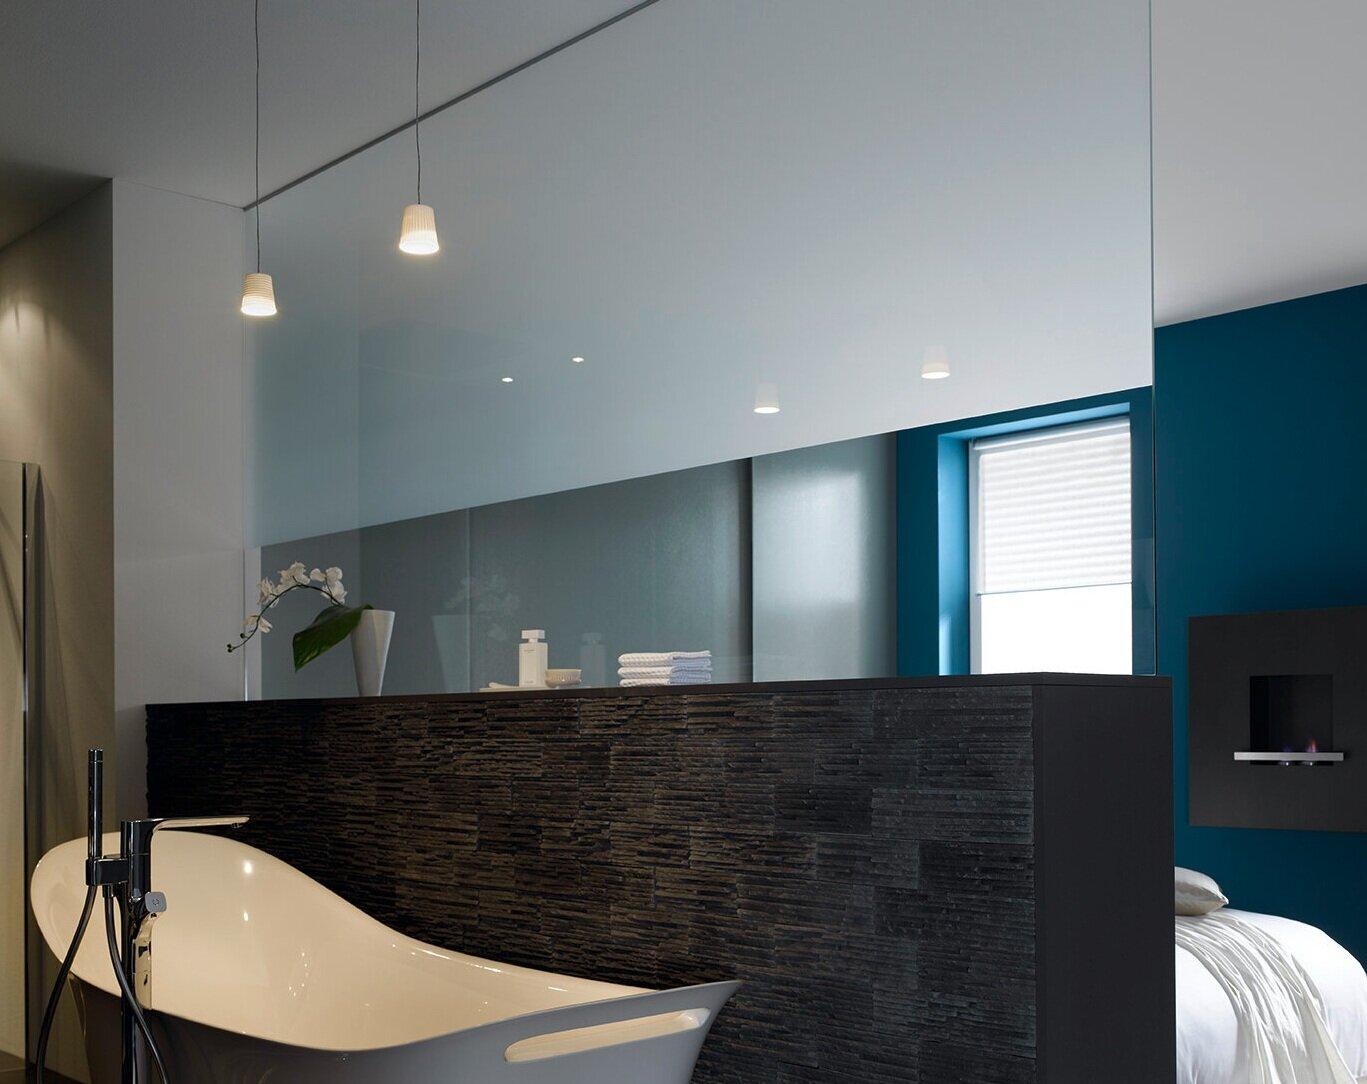 Dein Spezialist für Spiegel und Duschen aus Glas — Glas Müller